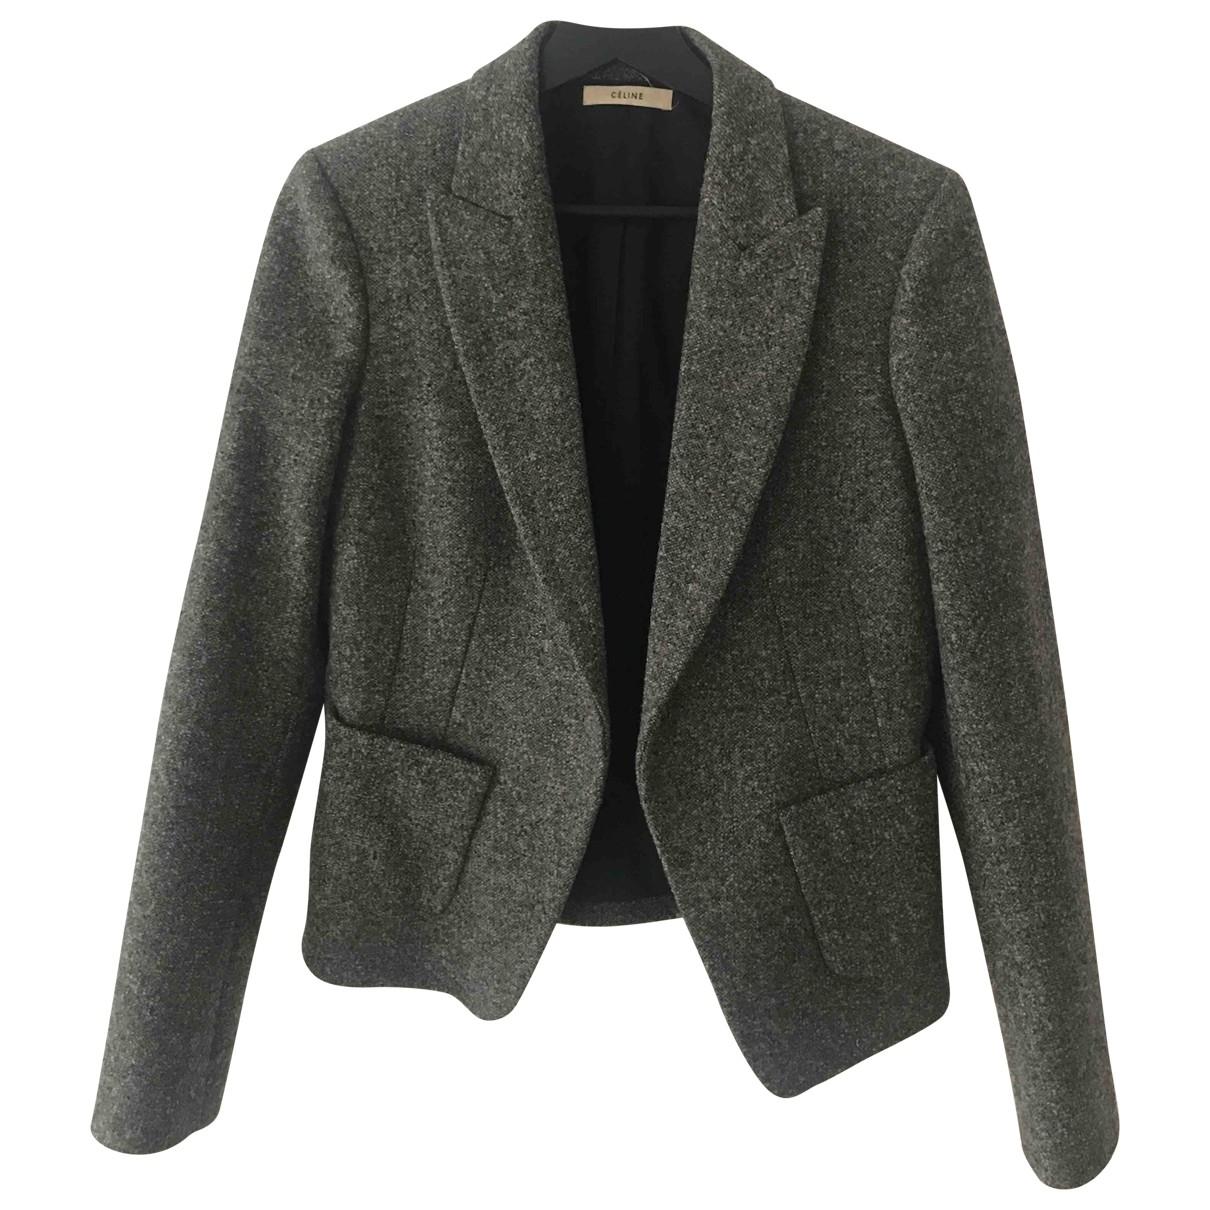 Celine \N Jacke in  Grau Wolle